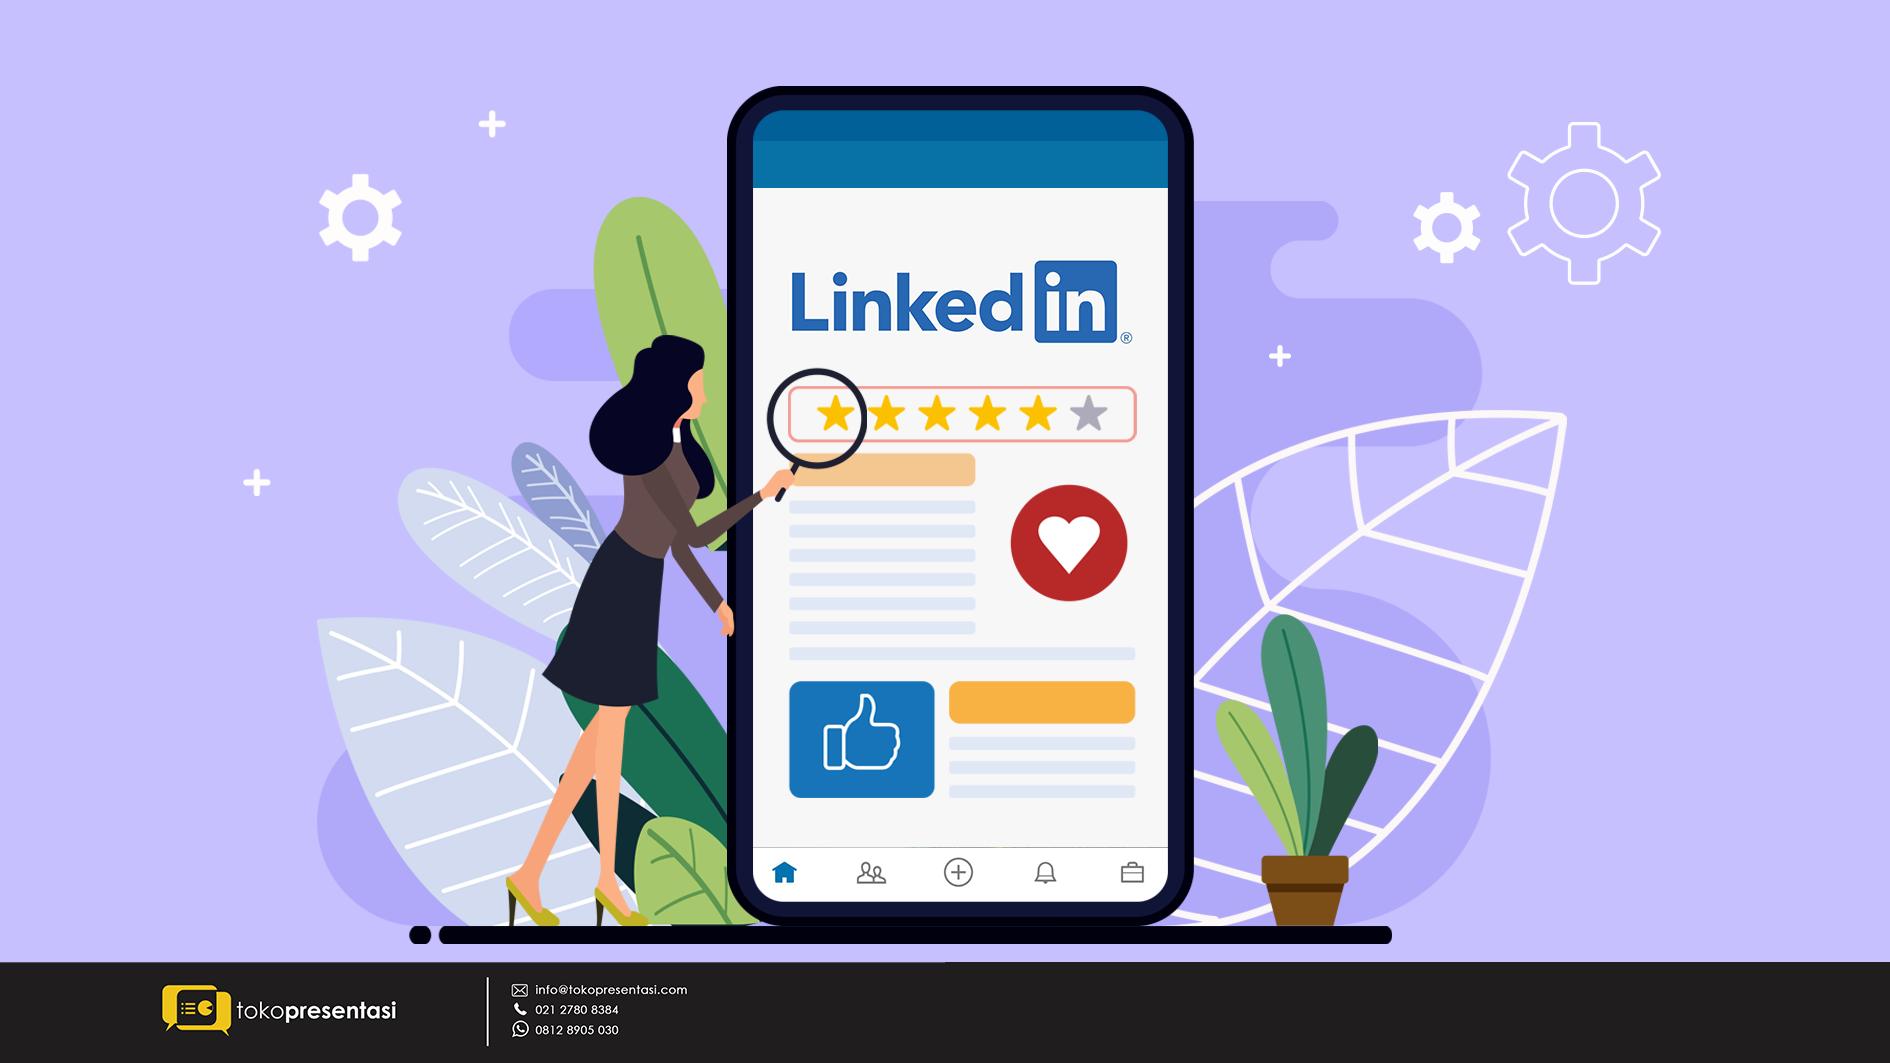 Membangun Personal Branding melalui Konten LinkedIn - Tokopresentasi.com